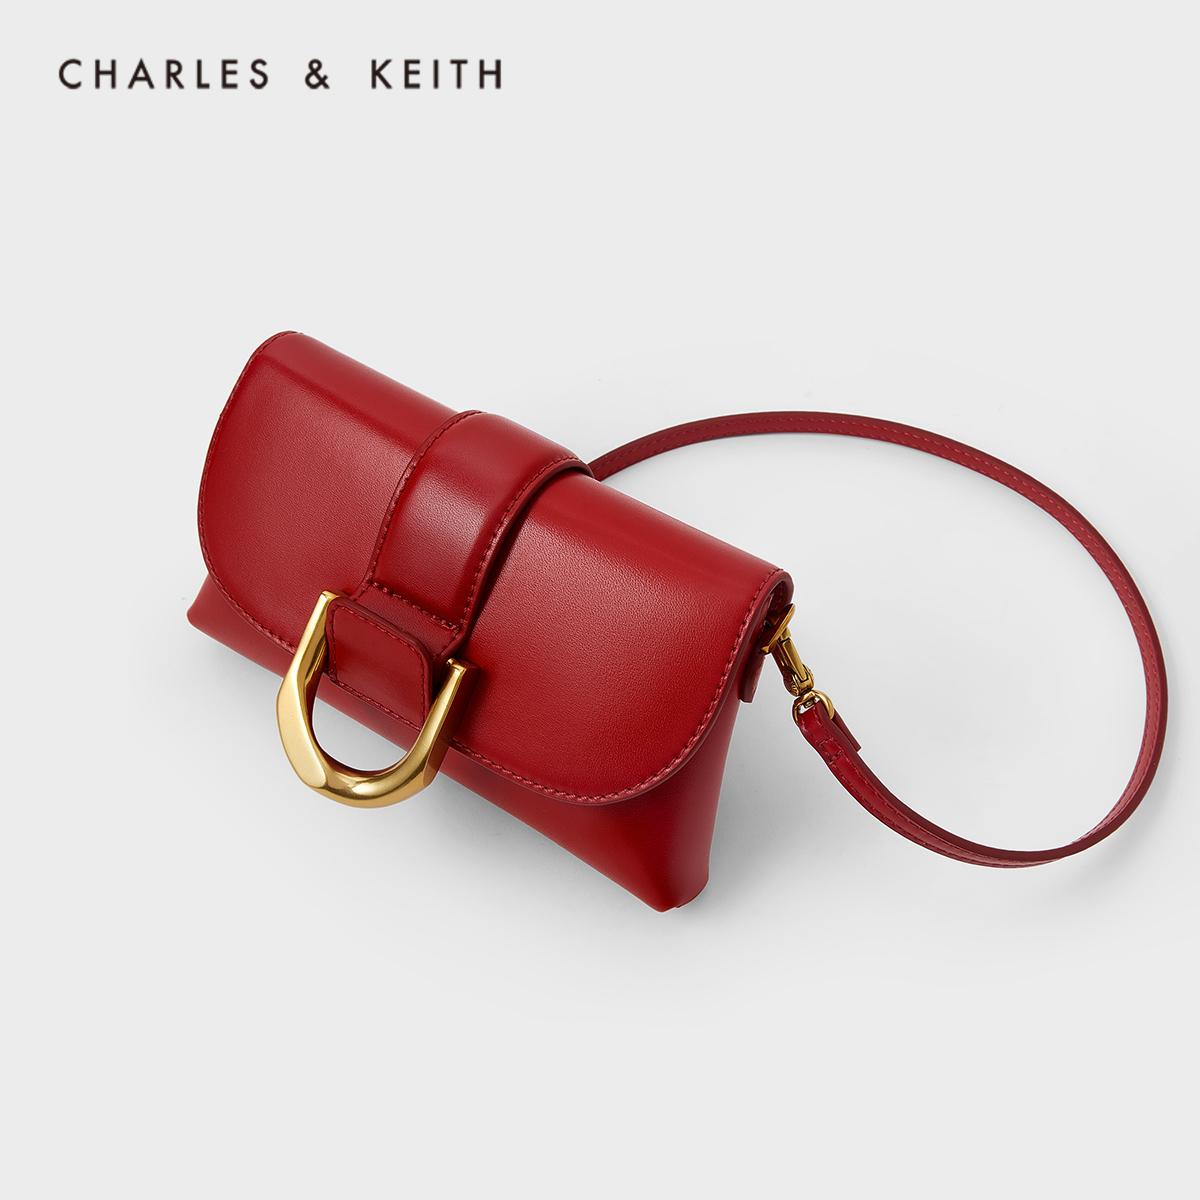 女士马蹄扣手提斜挎腰包 80701096 CK2 春新品 KEITH2021 & CHARLES